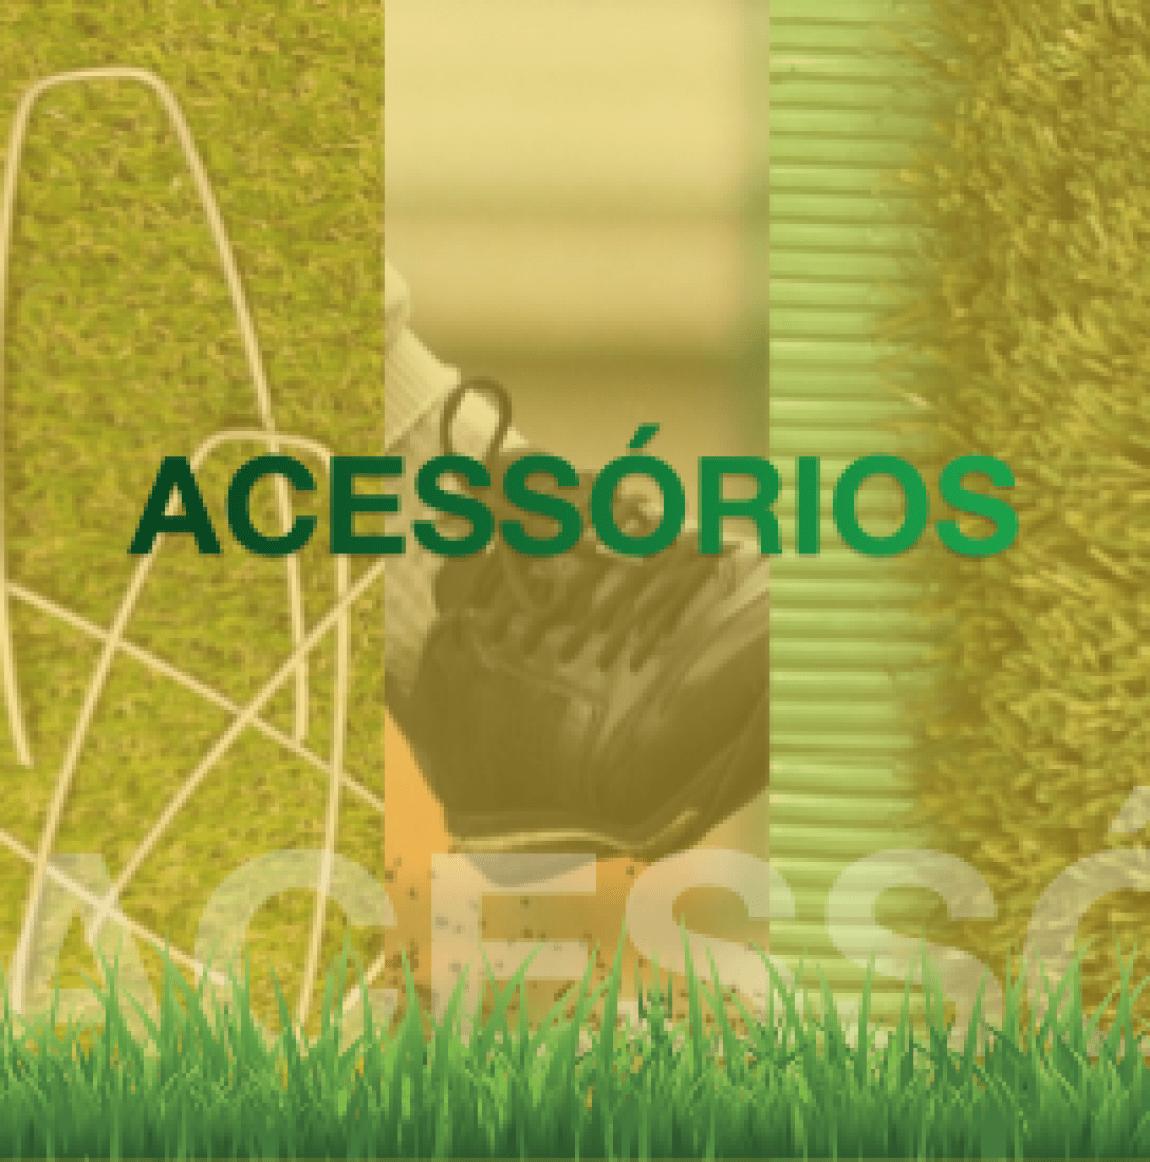 acessorios02